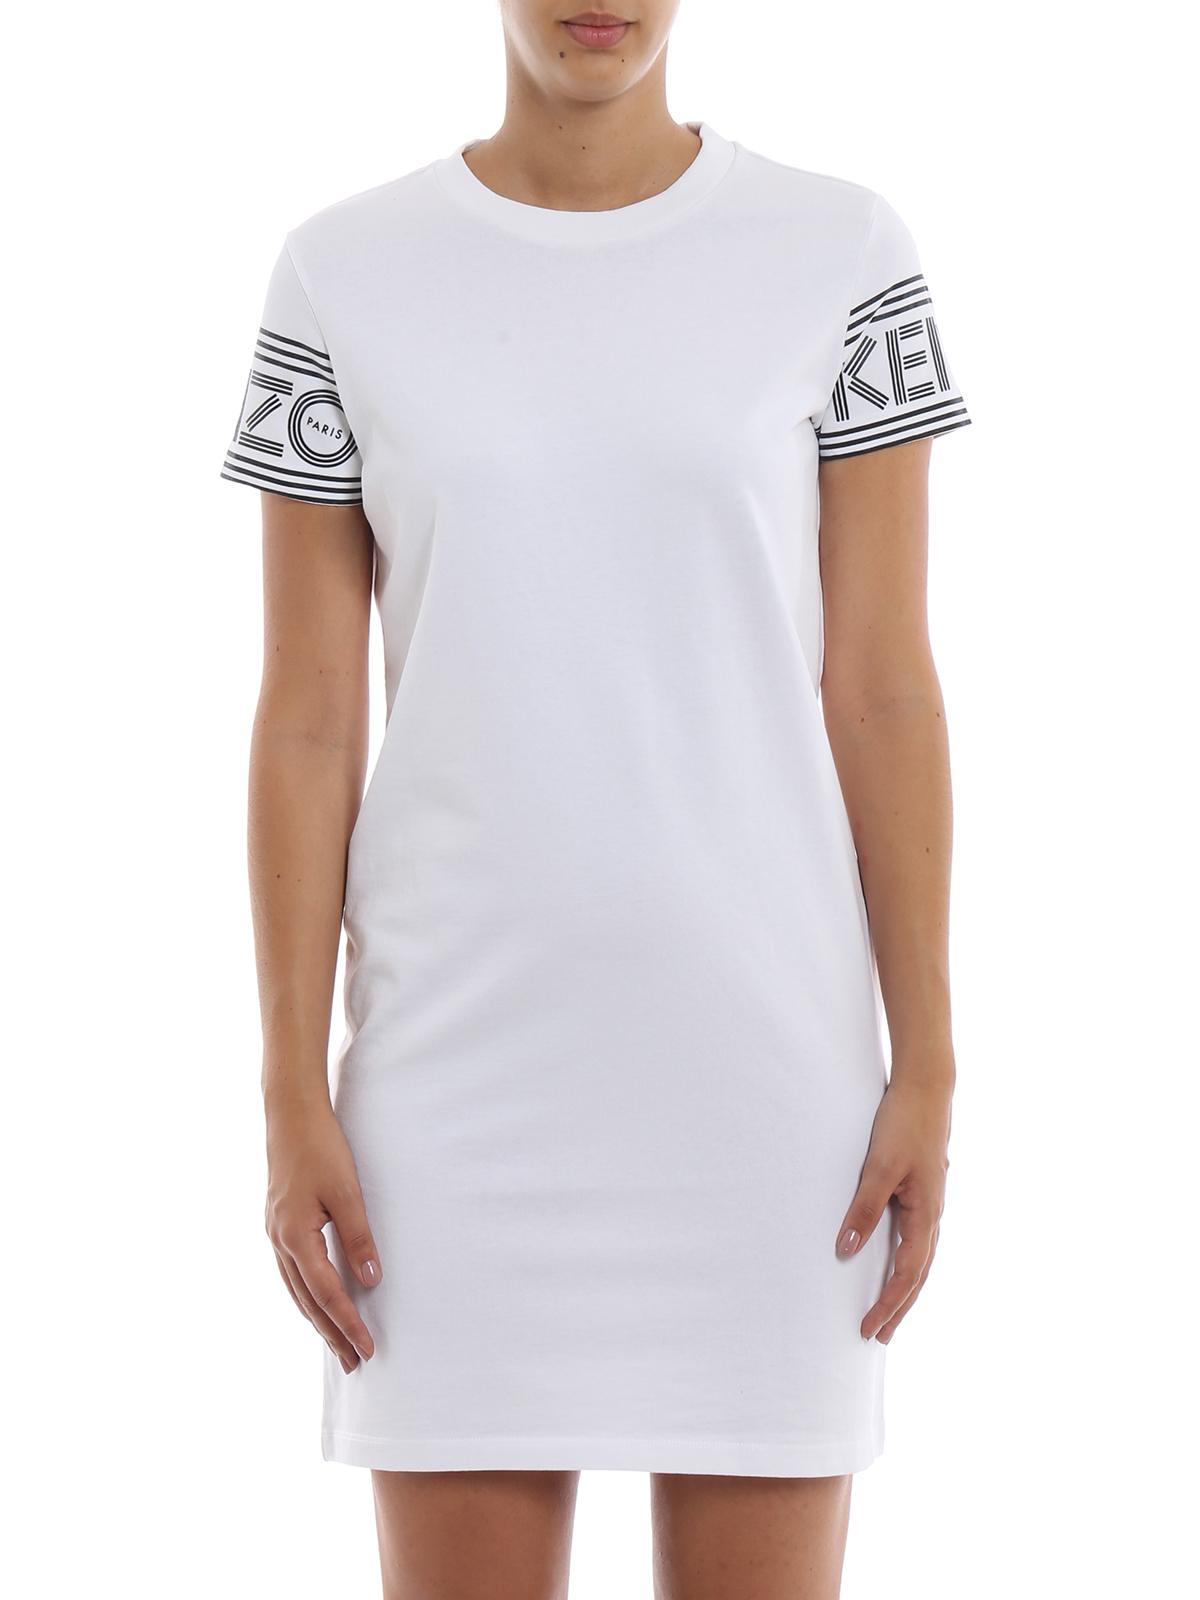 Kleider Kleid Kurzes Kenzo Weiß 02ro75698501 Kurze nkwP80O